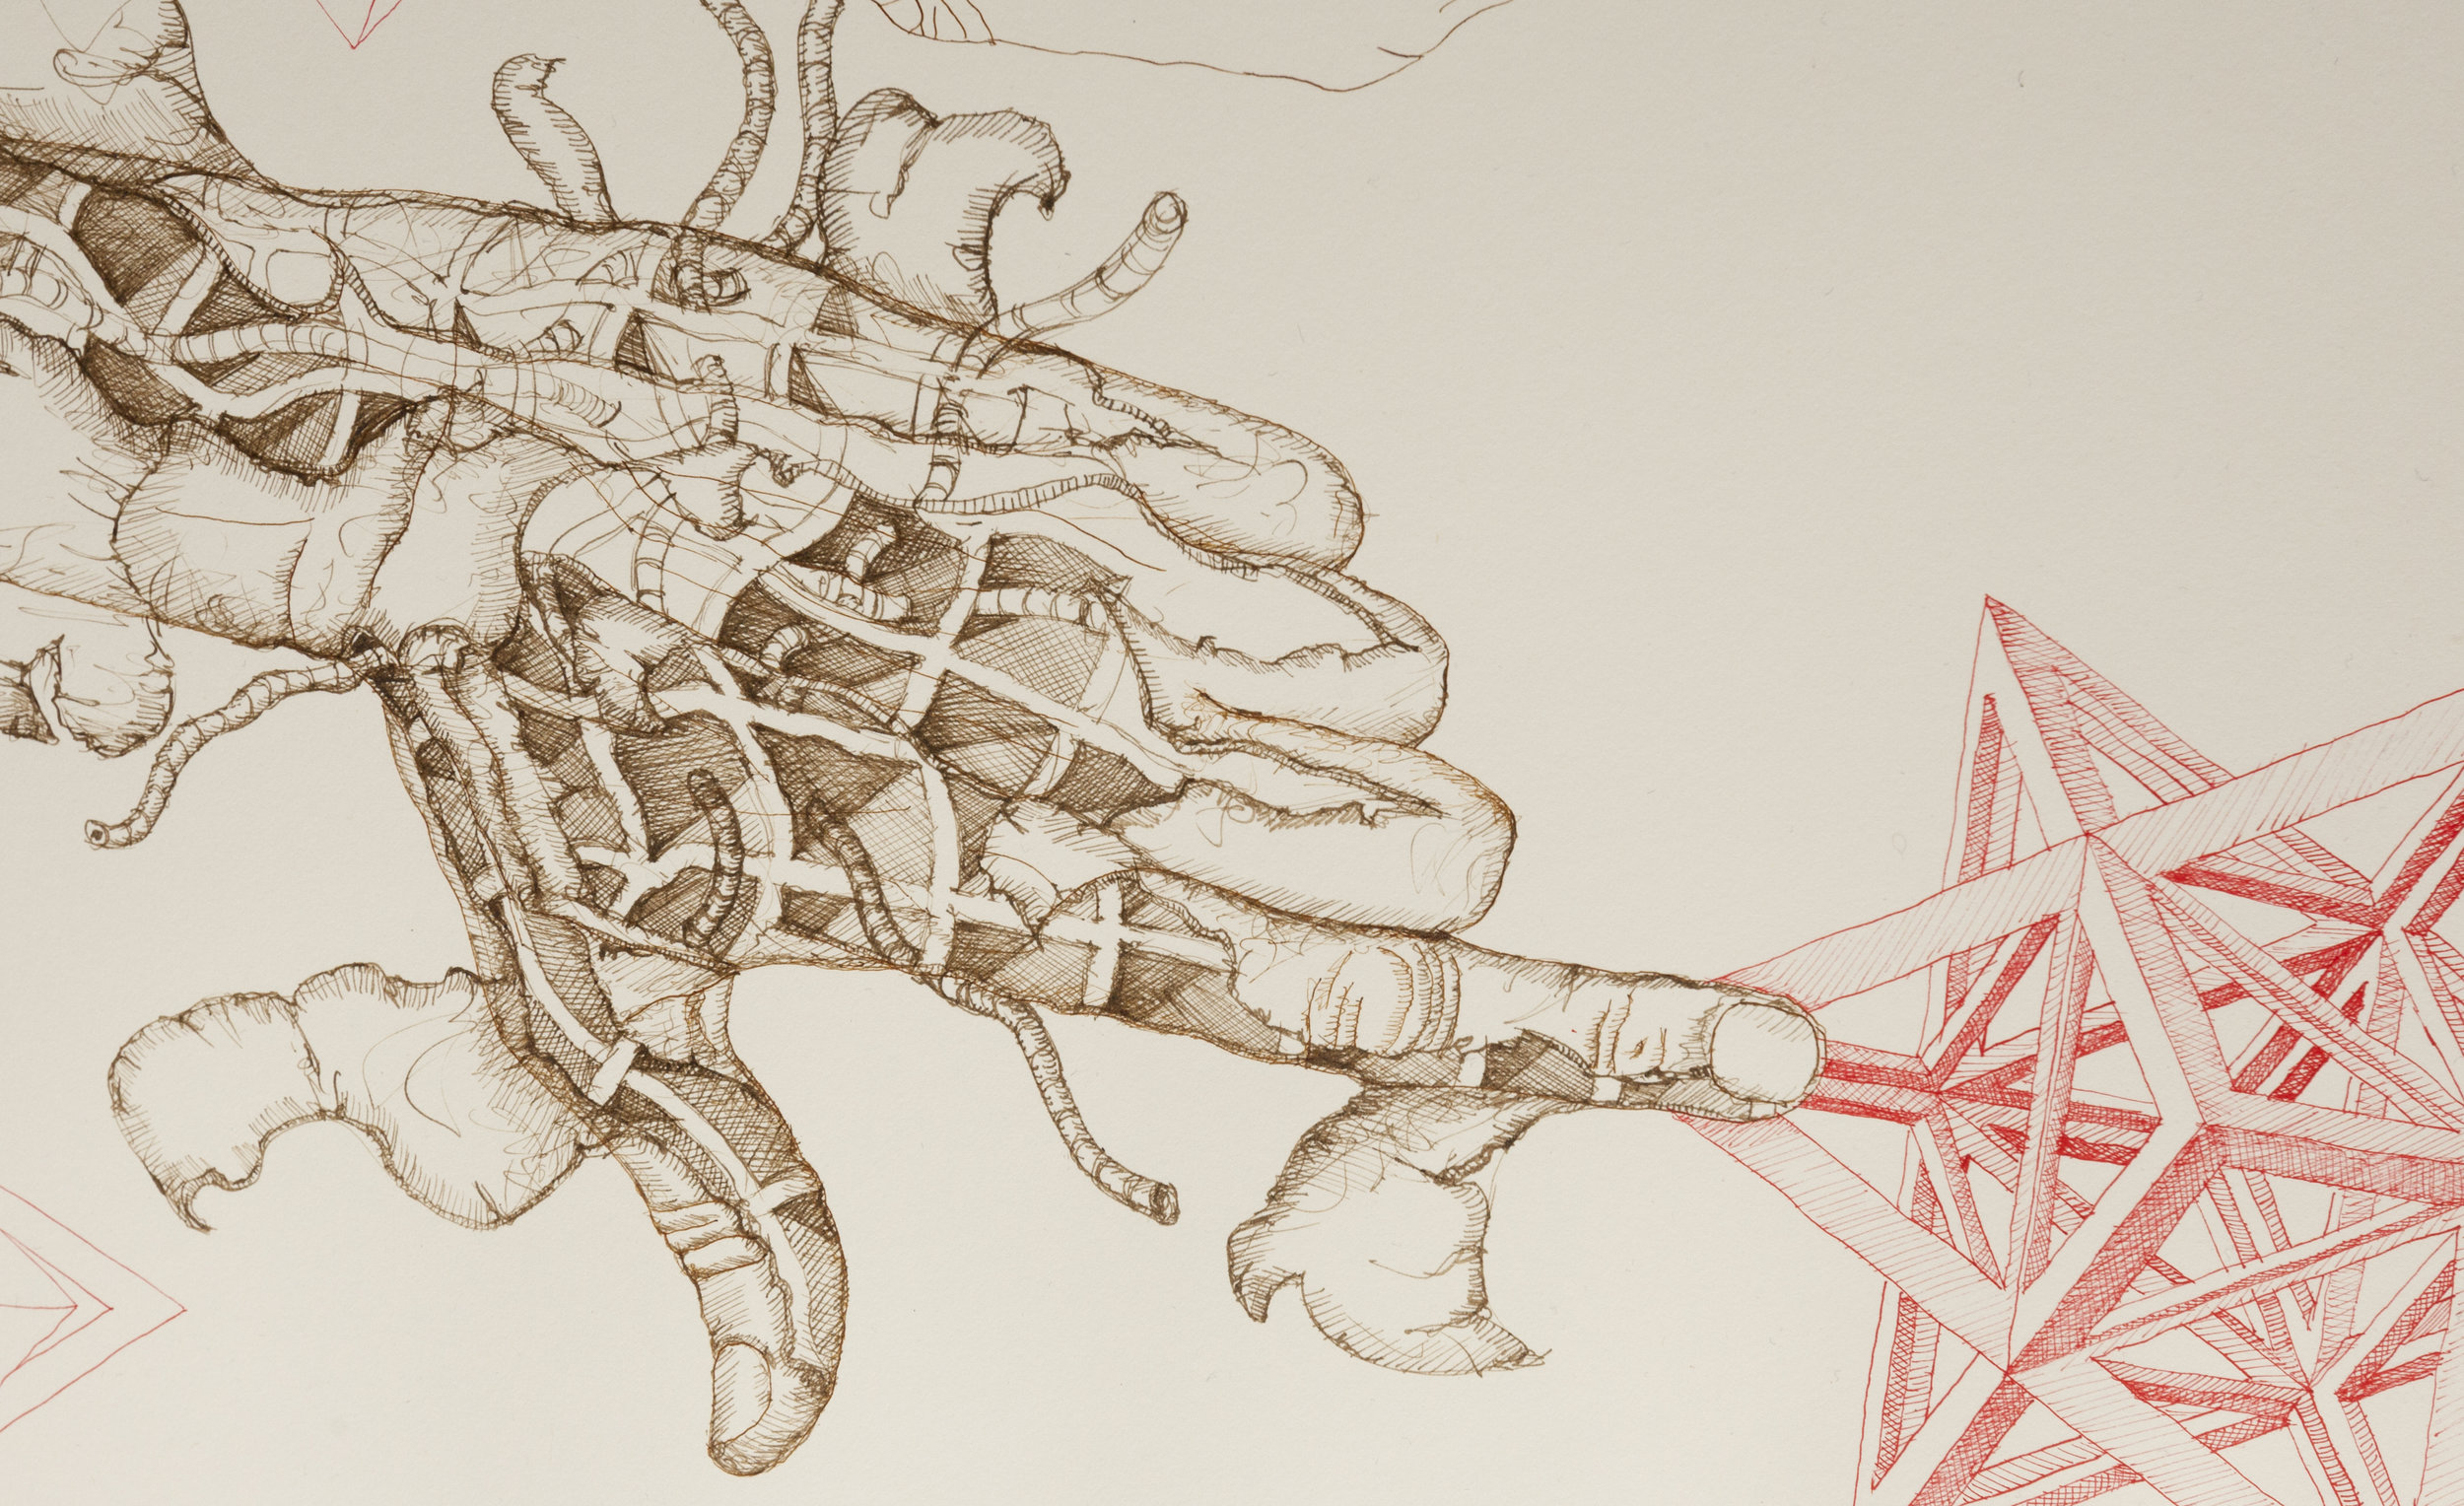 mirena-rhee-hand-peeling-pen-ink-drawing.jpg